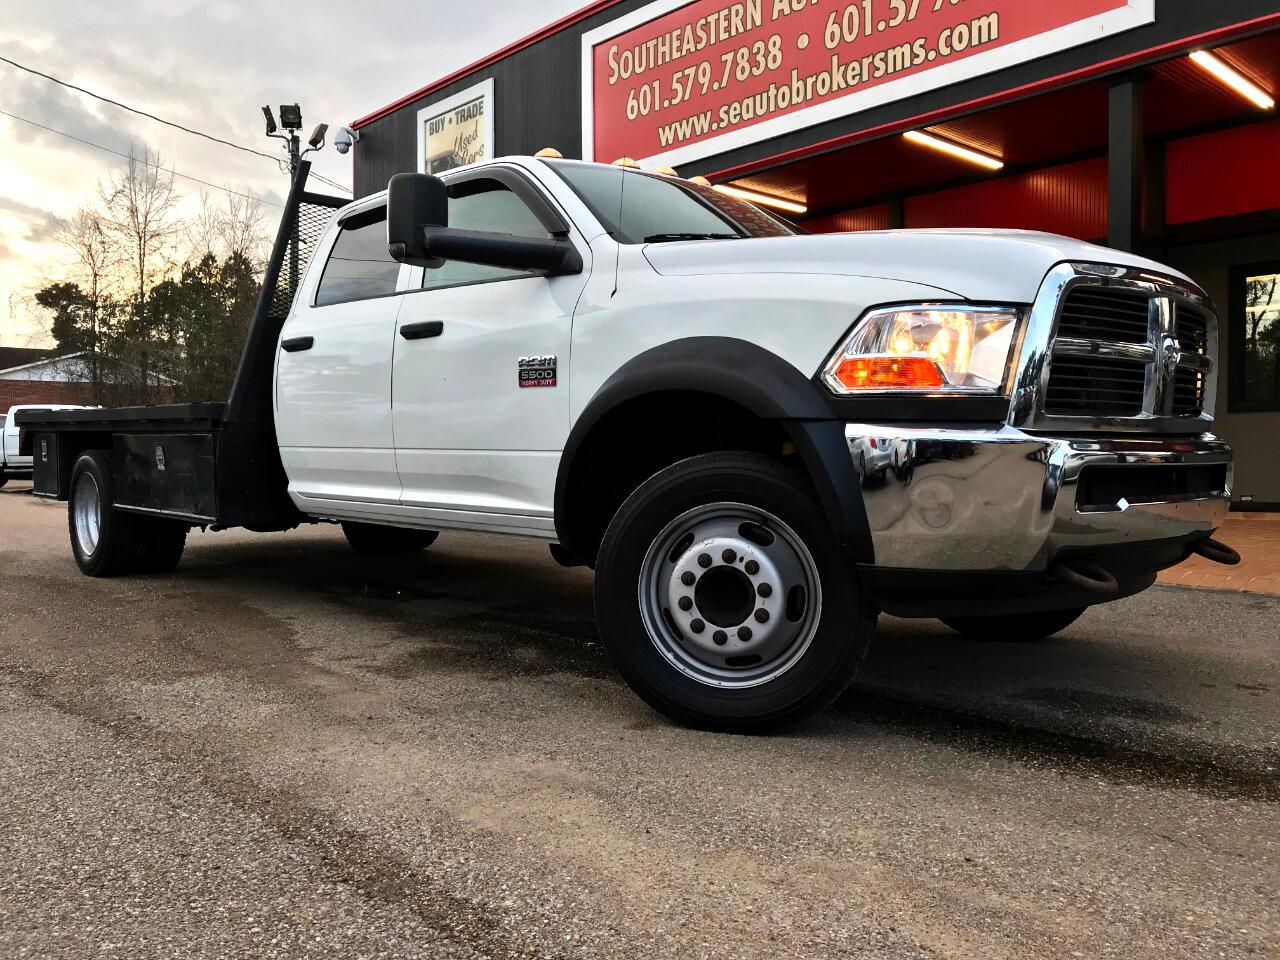 2011 Dodge Ram 5500 Crew Cab 2WD